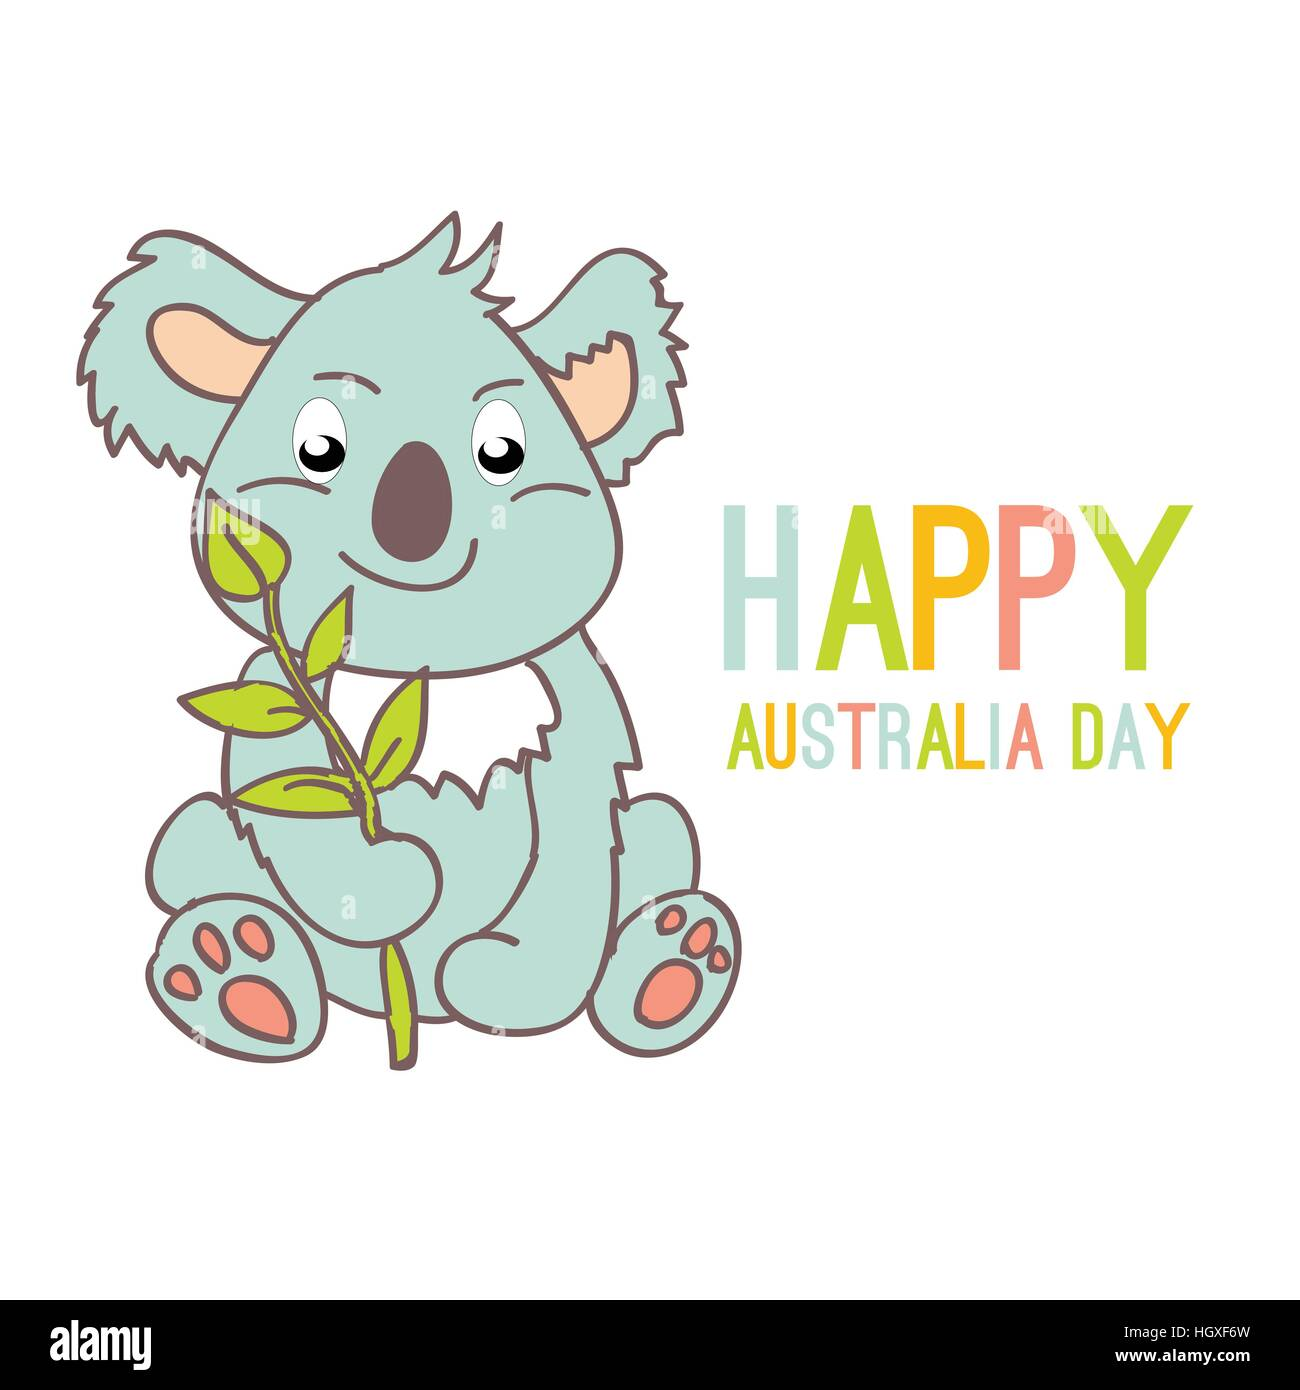 Koala Vector Imágenes De Stock & Koala Vector Fotos De Stock ...